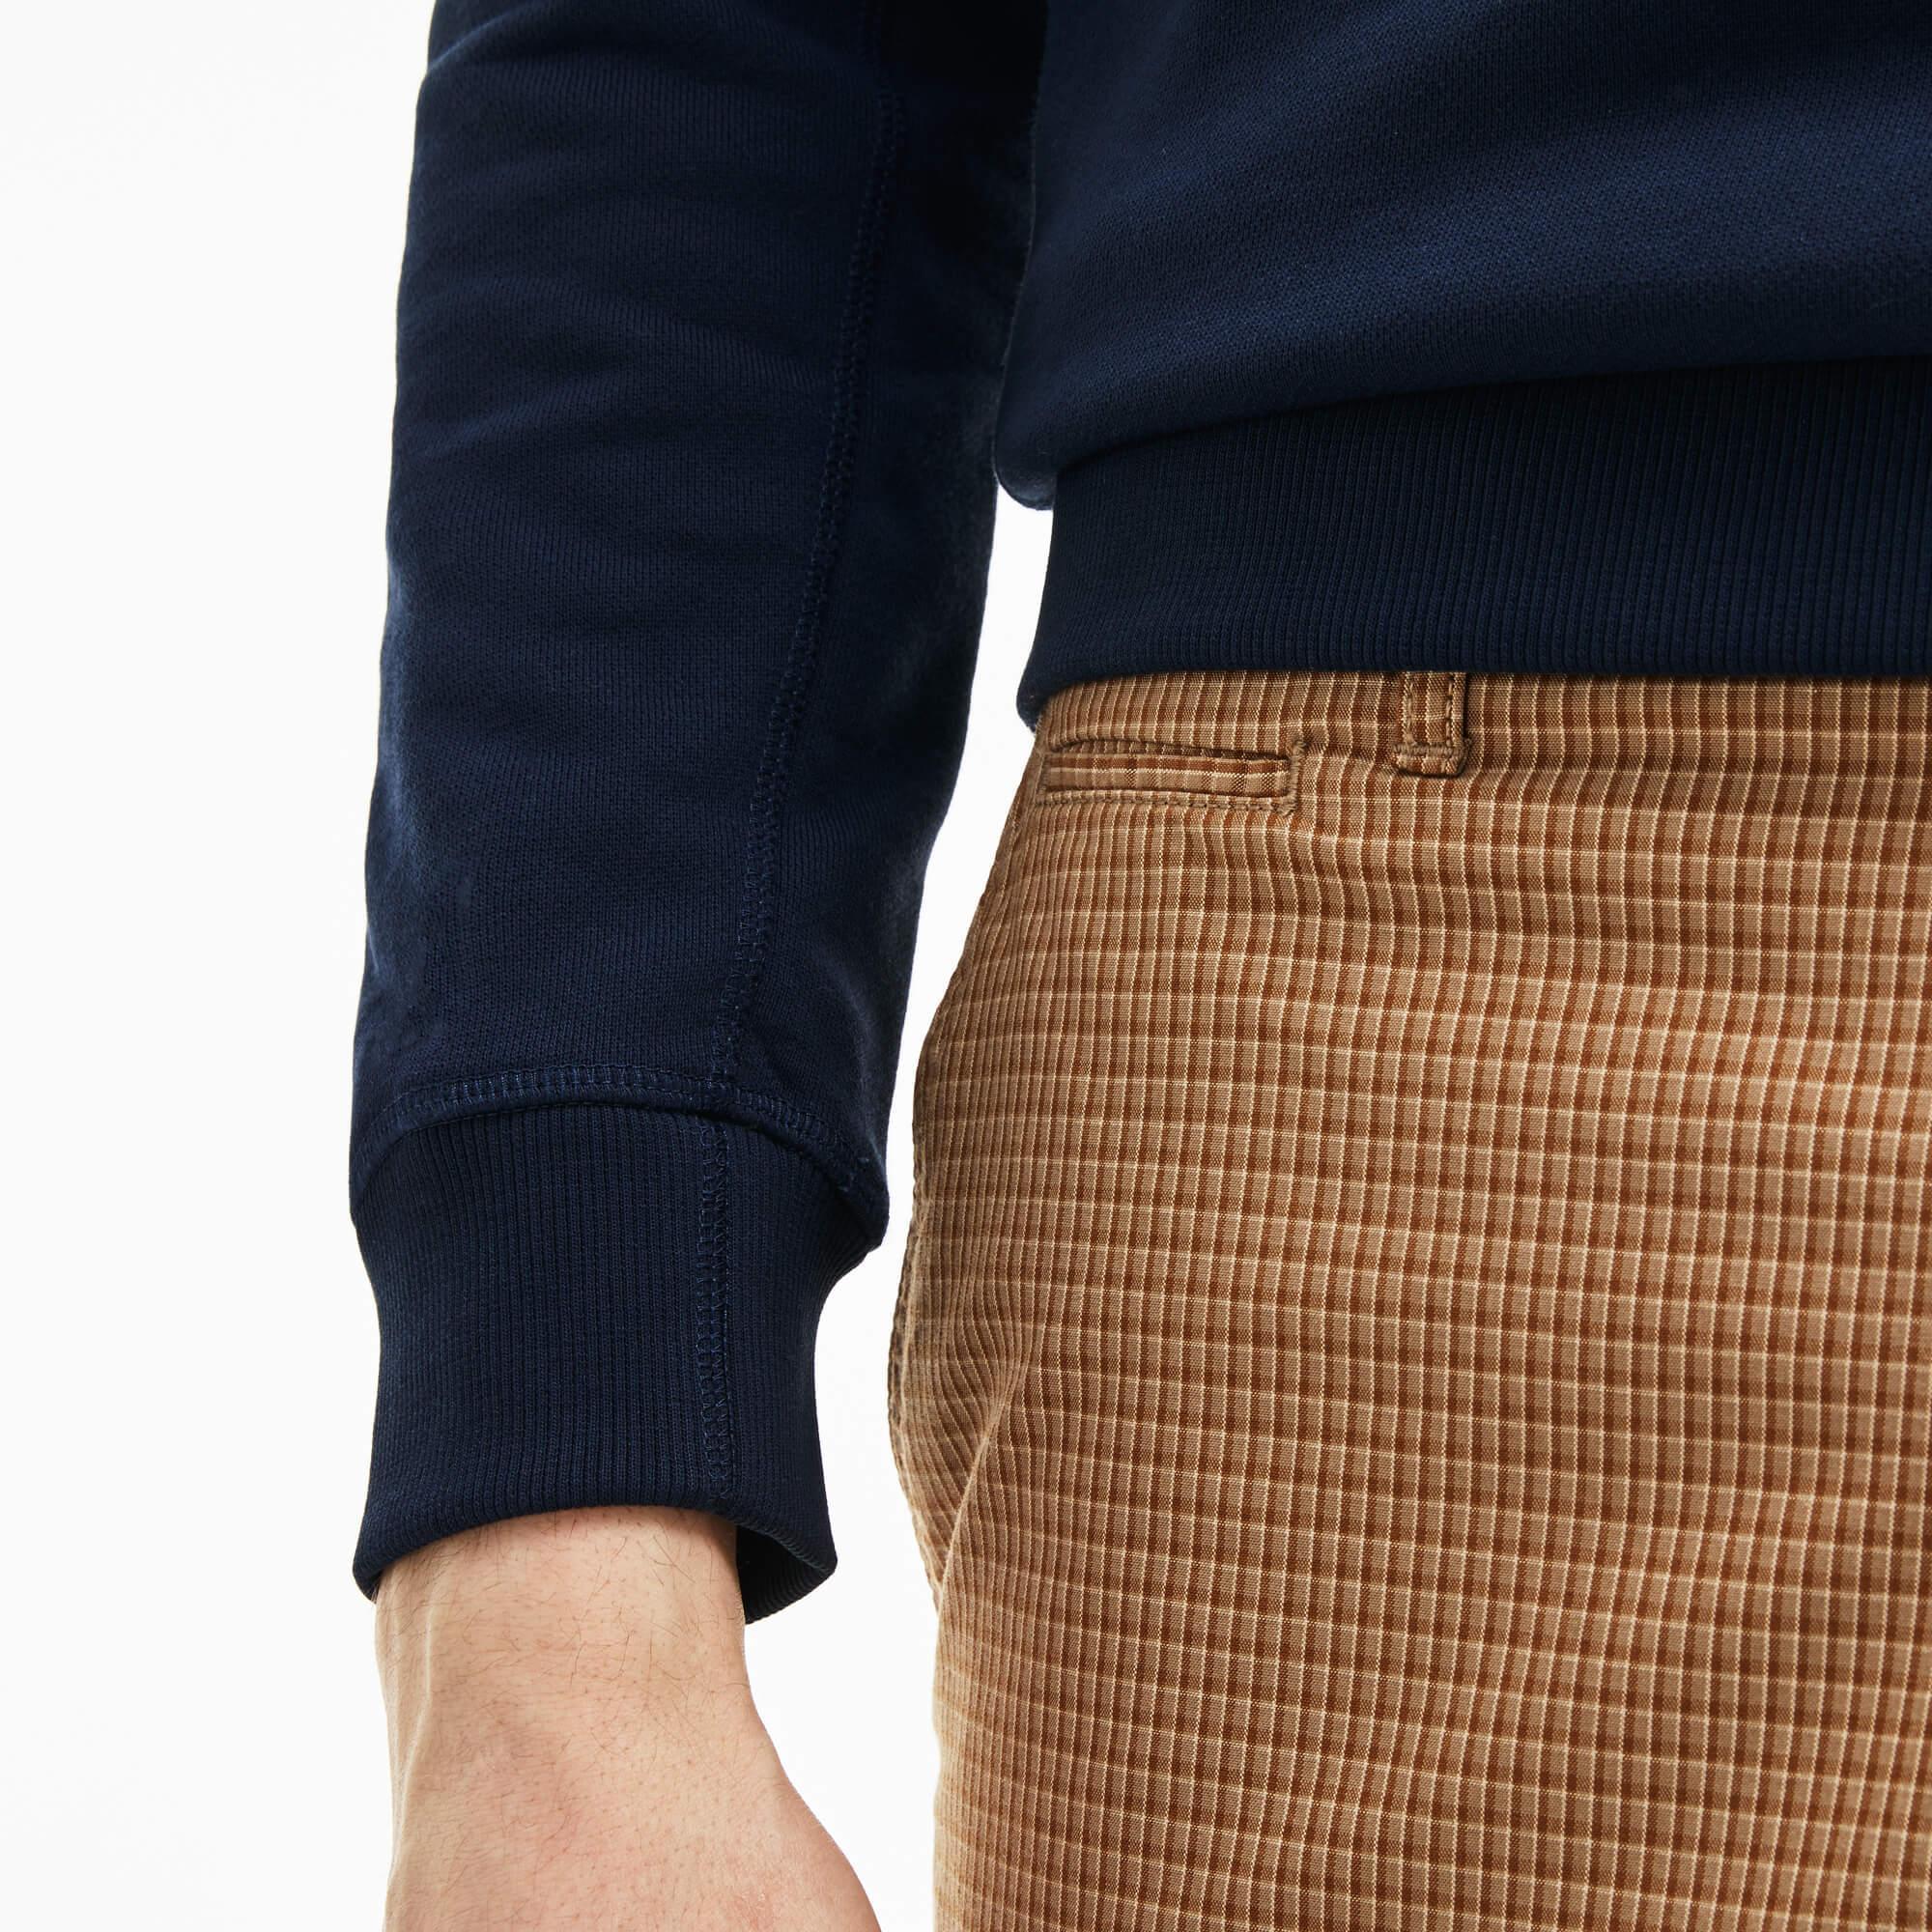 Lacoste Men's Shorts